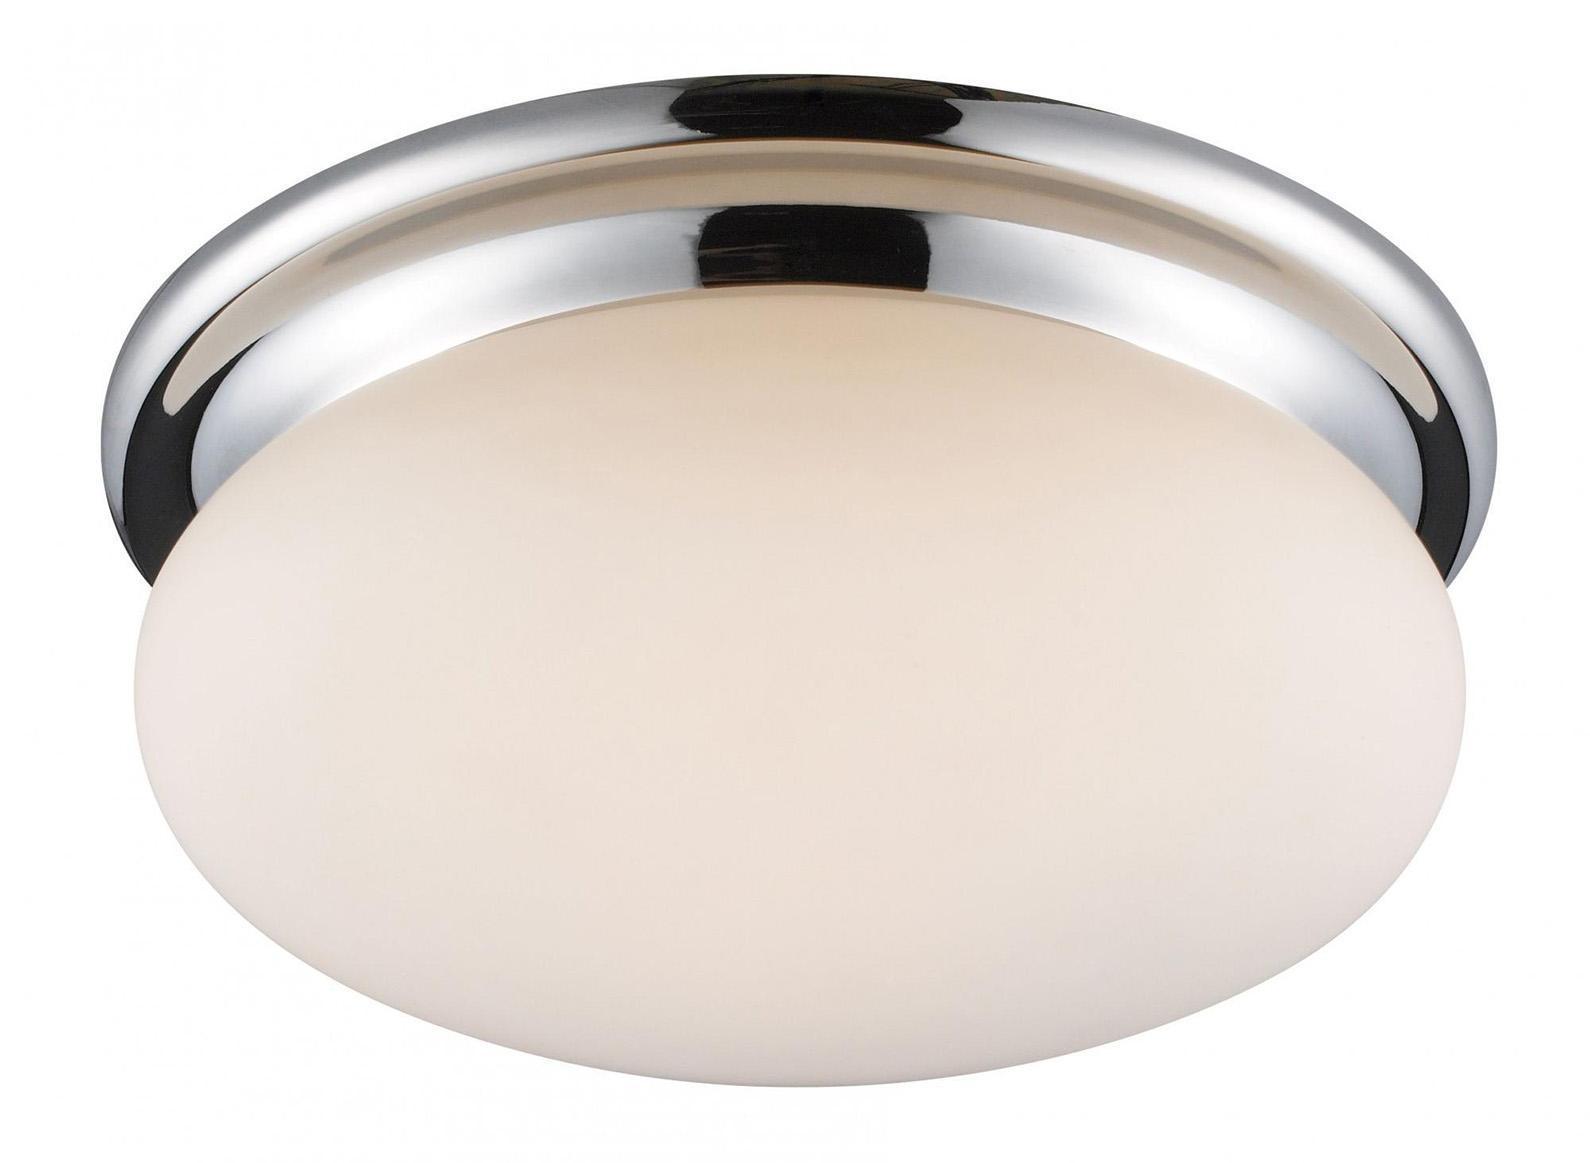 A2916PL-2CC AQUA Потолочный светильник irf9540 irf9540n(100v 23a)to 220